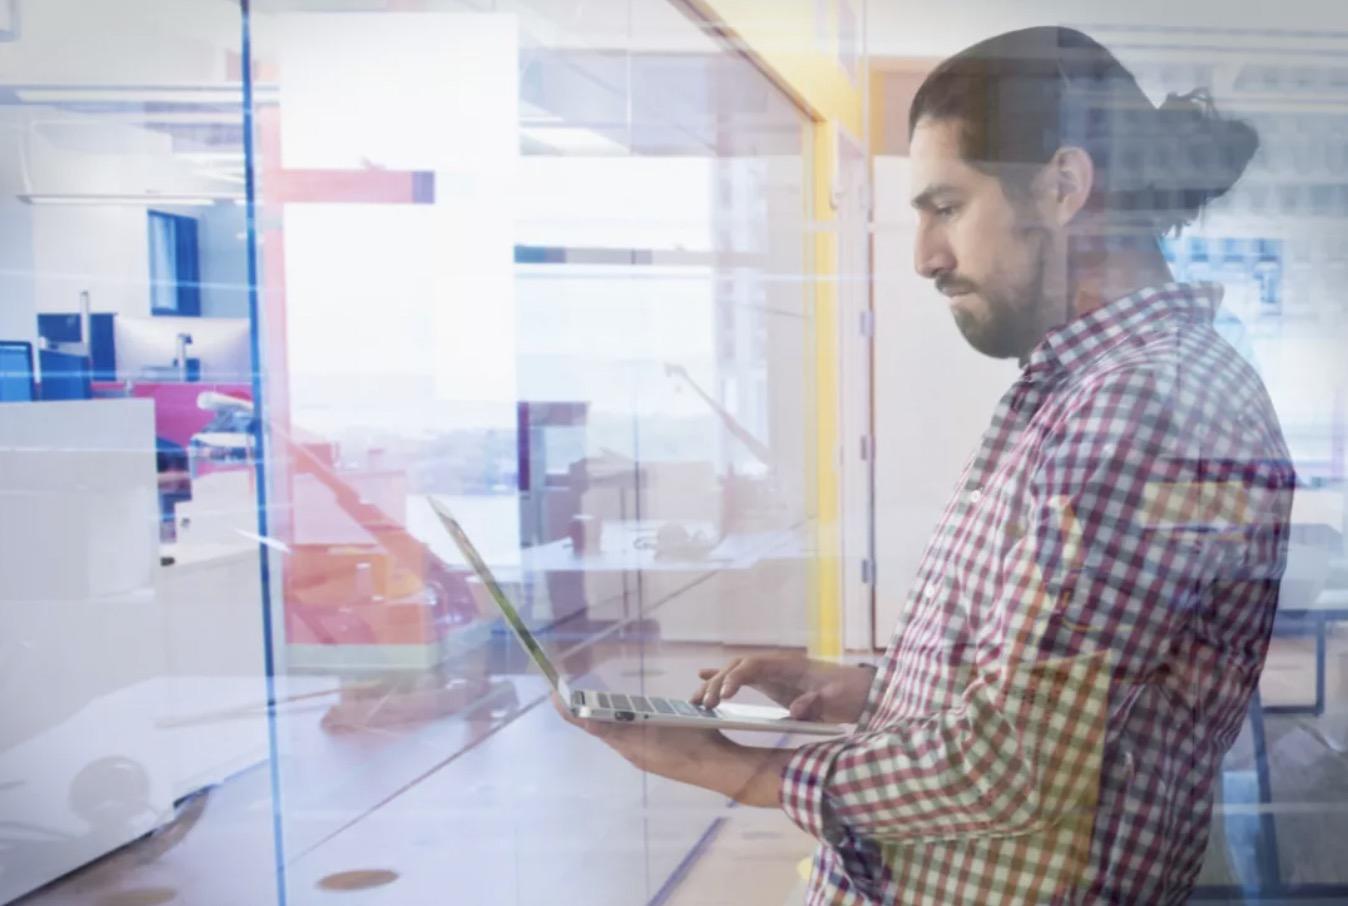 调研报告:灵活的解决方案将赋能未来的数字化员工